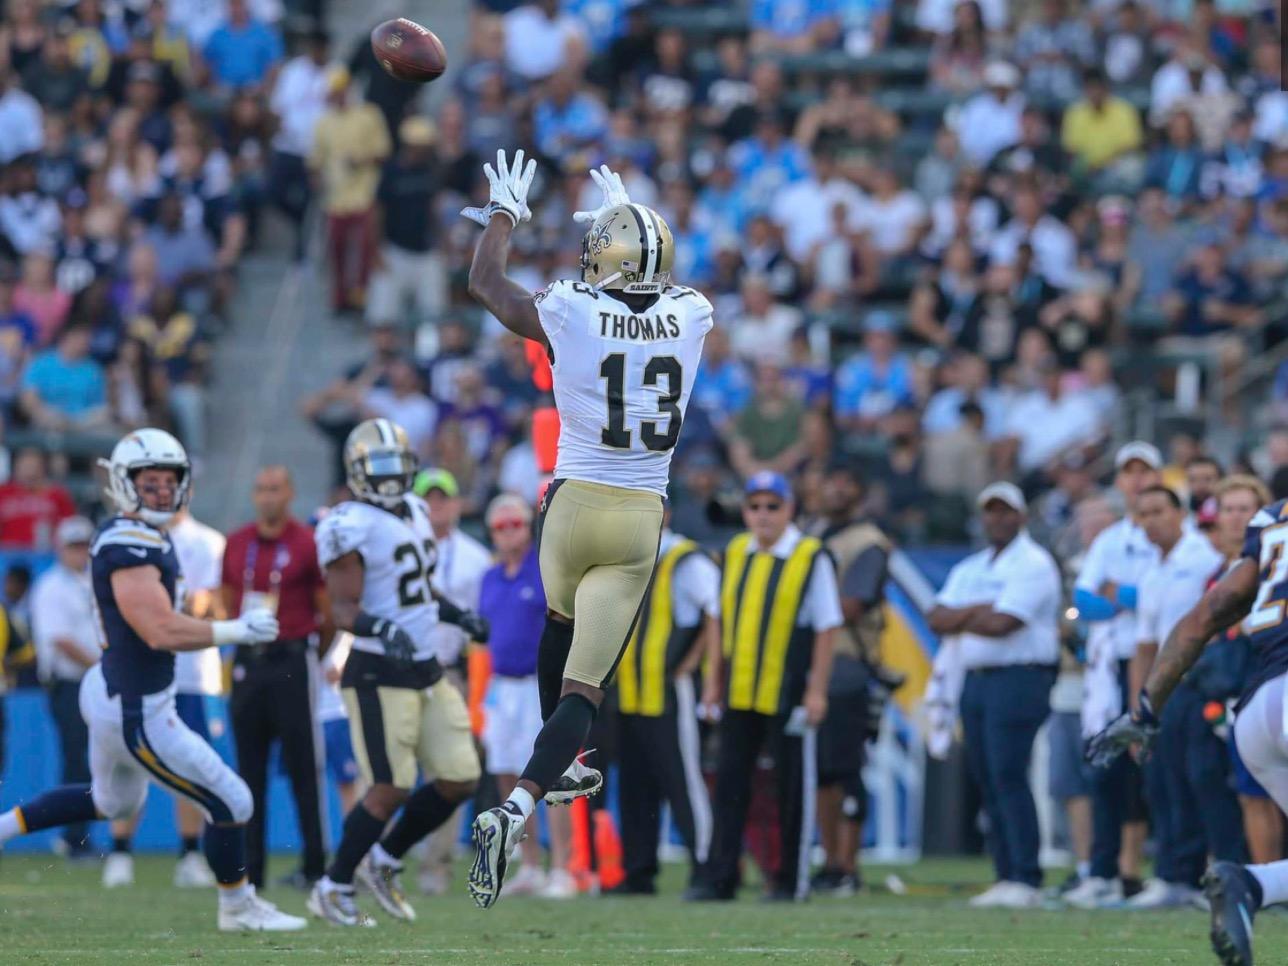 NFC South Preview – Part 2 – New Orleans Saints